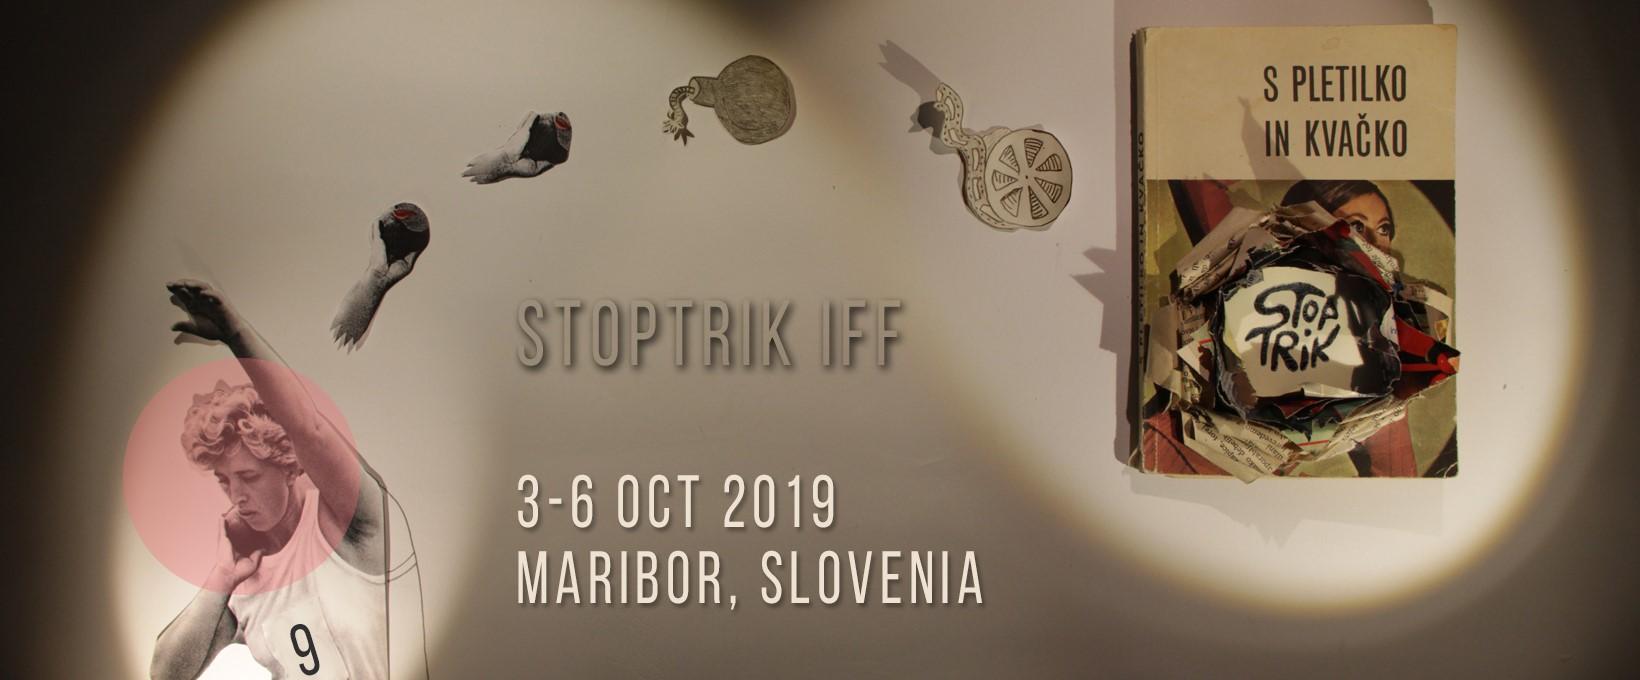 StopTrik Maribor.jpg